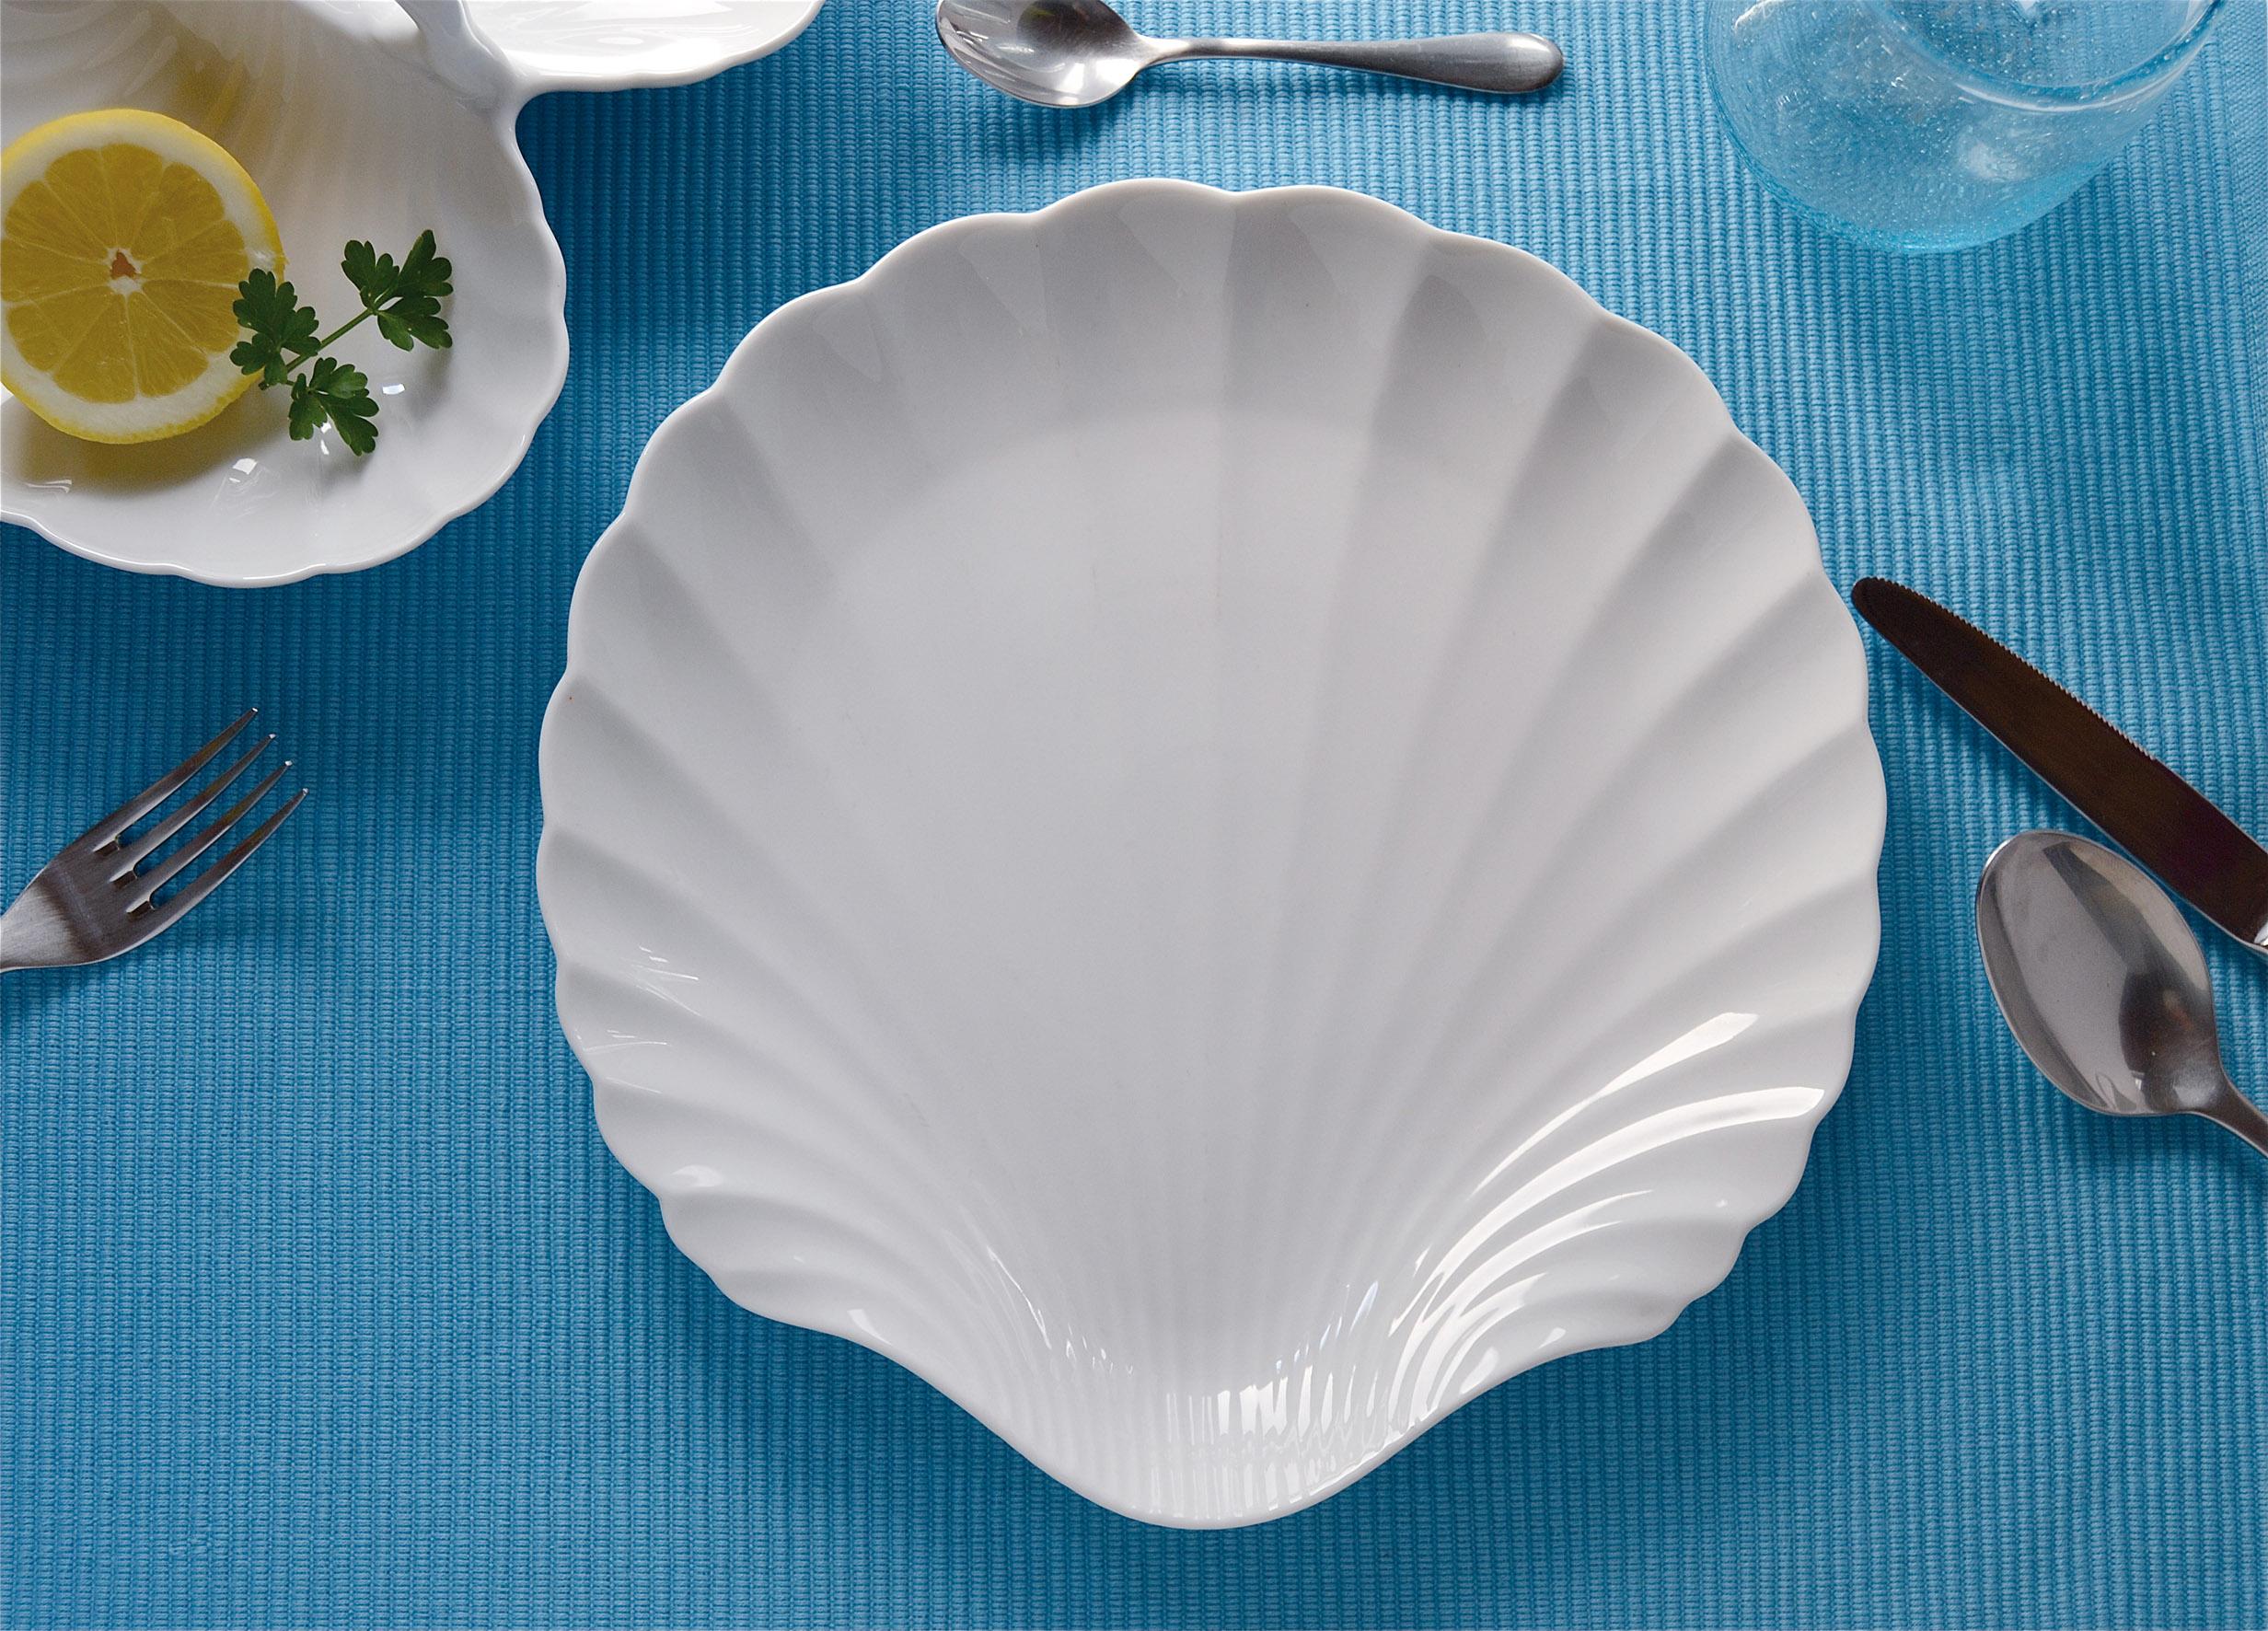 La natura il mare ed eleganza chic per una tavola perfetta 1channel con gusto giusto - Il mare in tavola ...